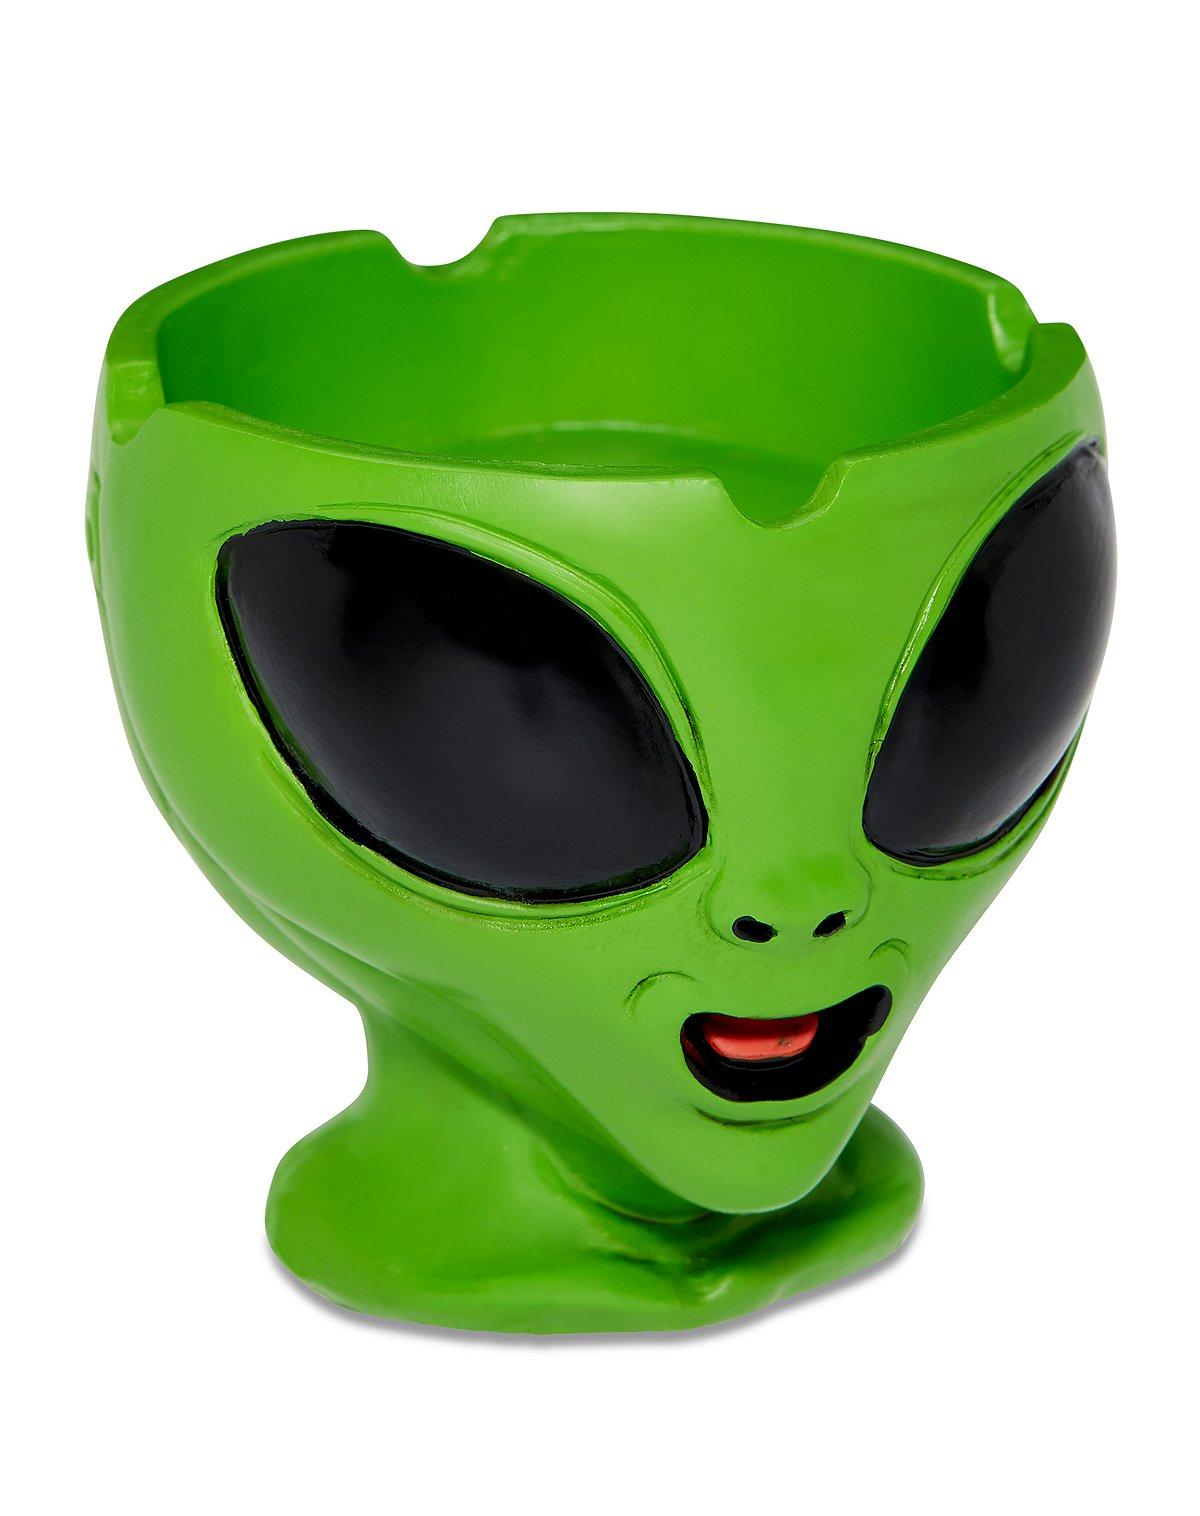 Alien Head Molded Ashtray